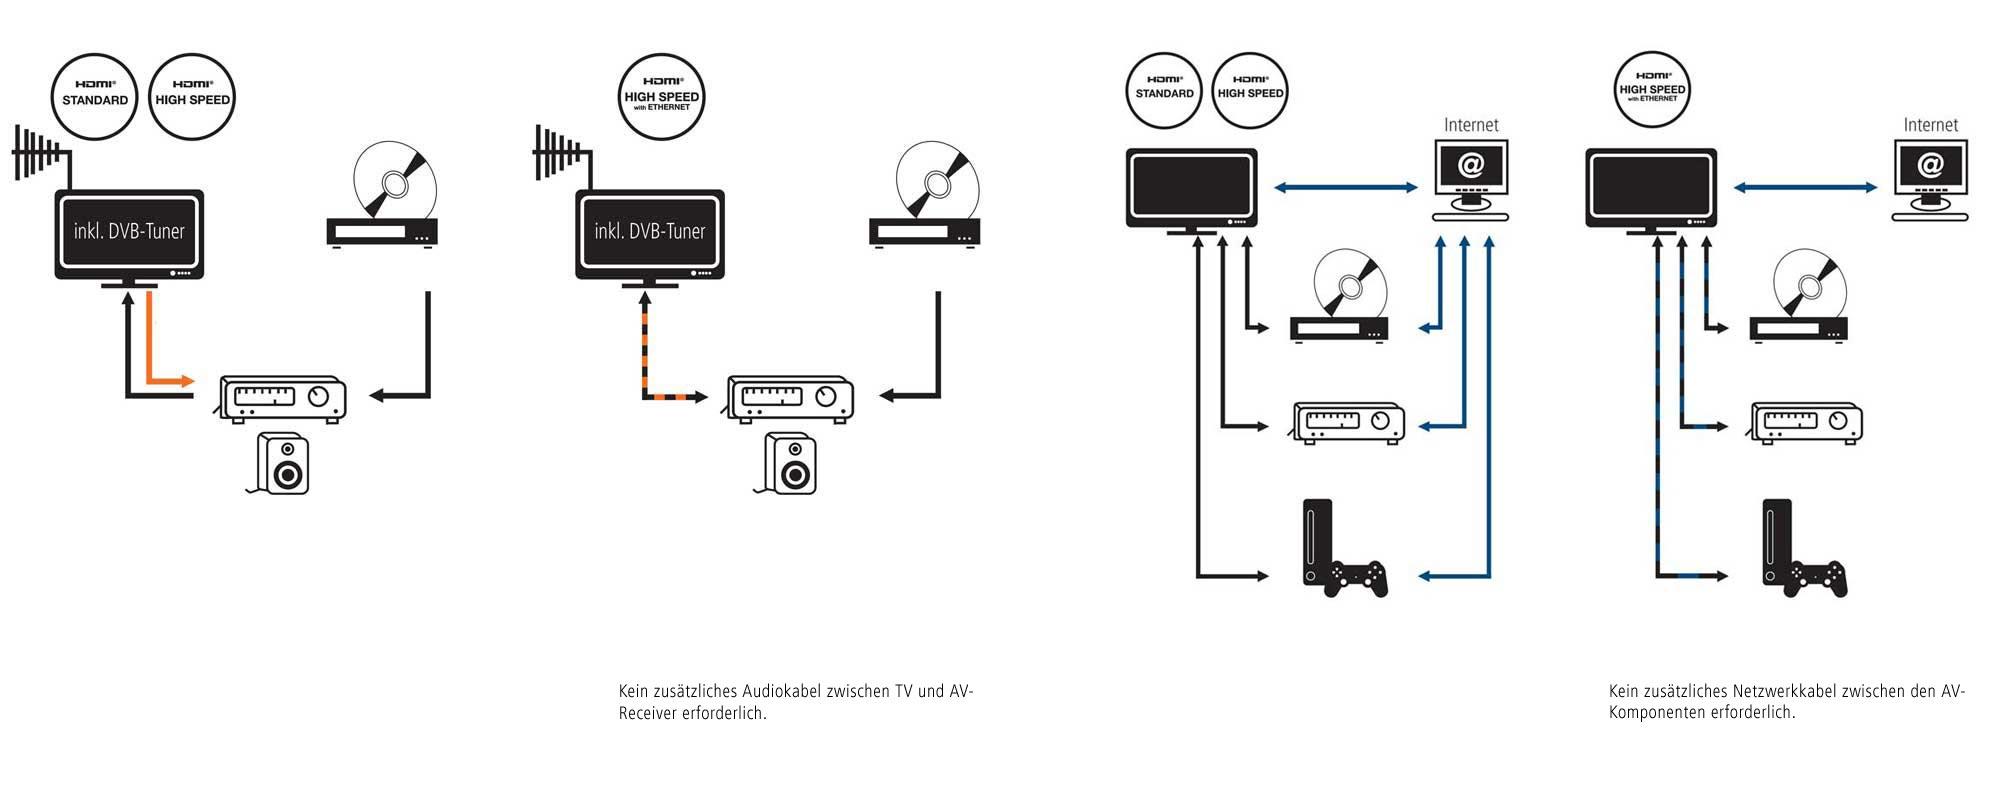 in akustik star hdmi kabel mit ethernet 1 5 m elektronik. Black Bedroom Furniture Sets. Home Design Ideas